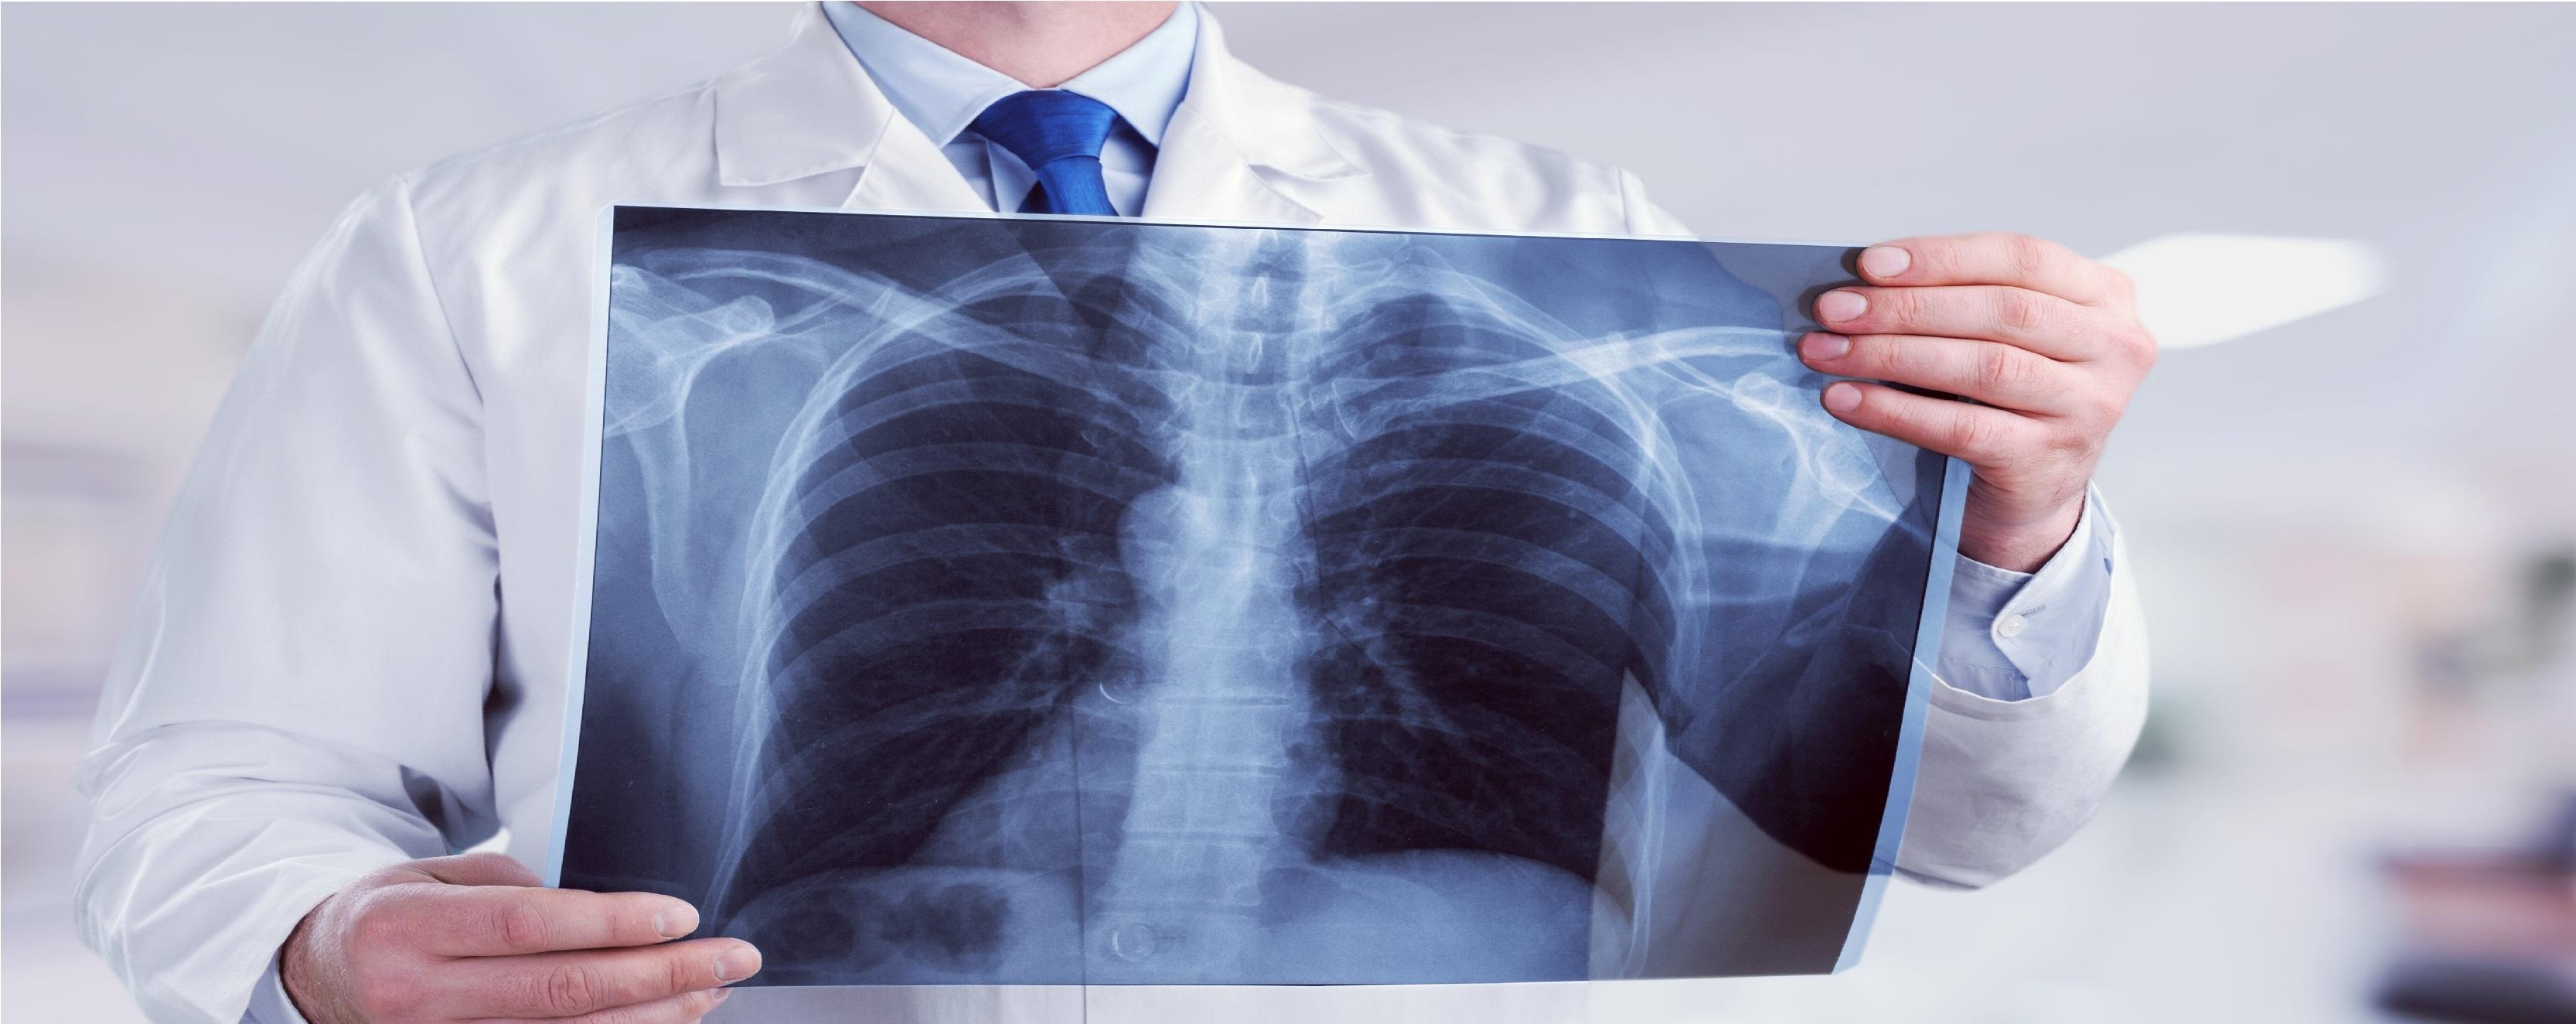 tüdőgyulladás tünetei fogyás őrölt marhahús fogyás